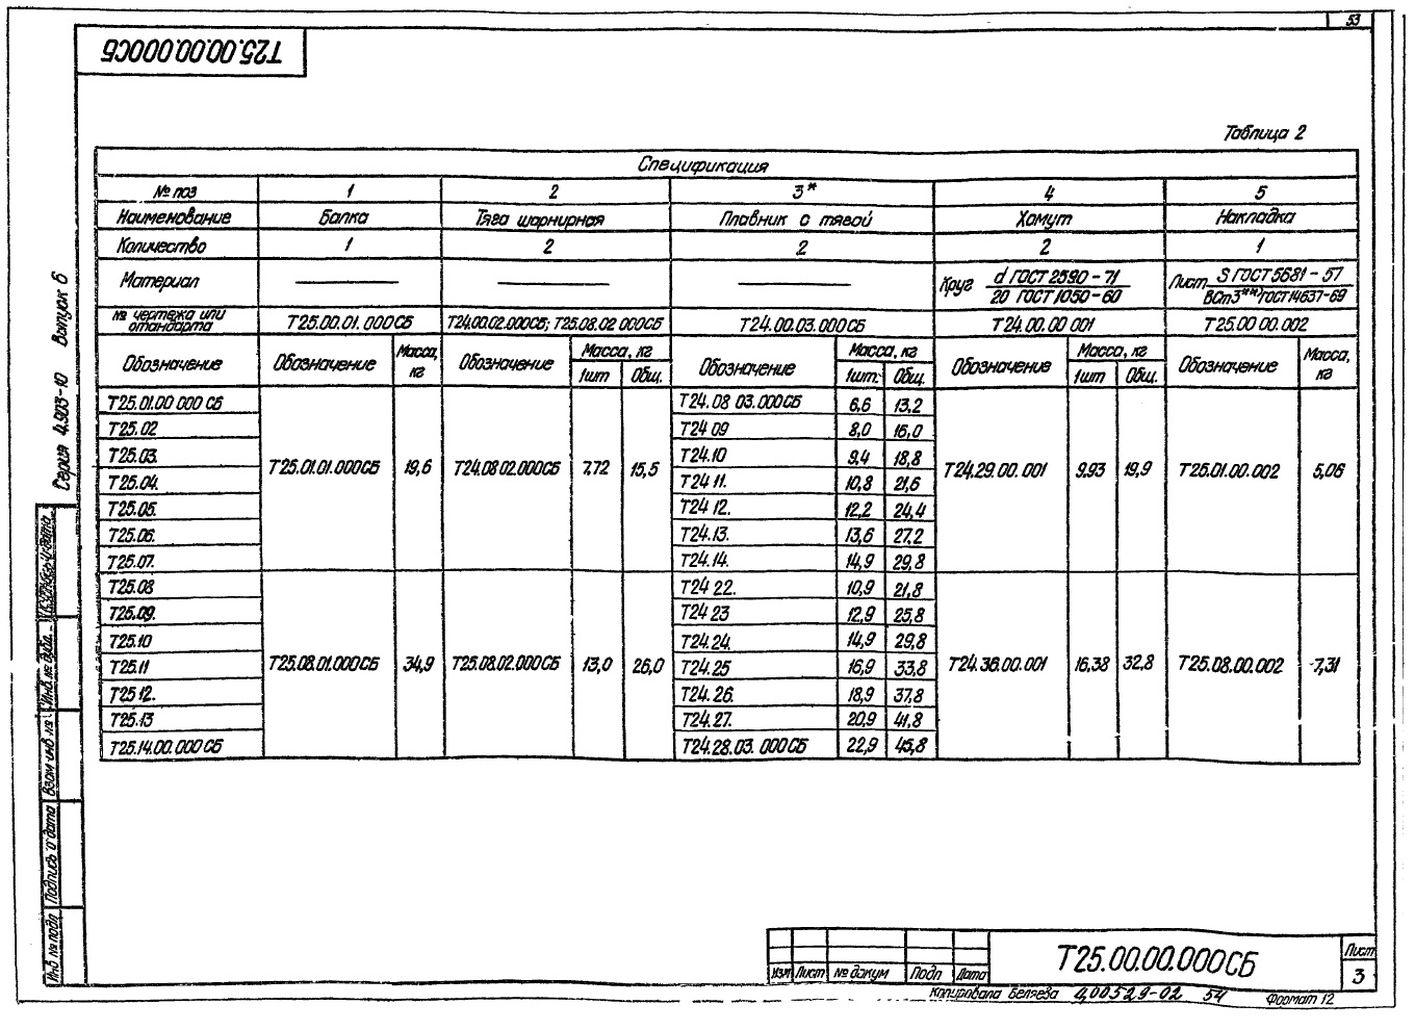 Опора подвесная жесткая Т25 с.4.903-10 вып.6 стр.3